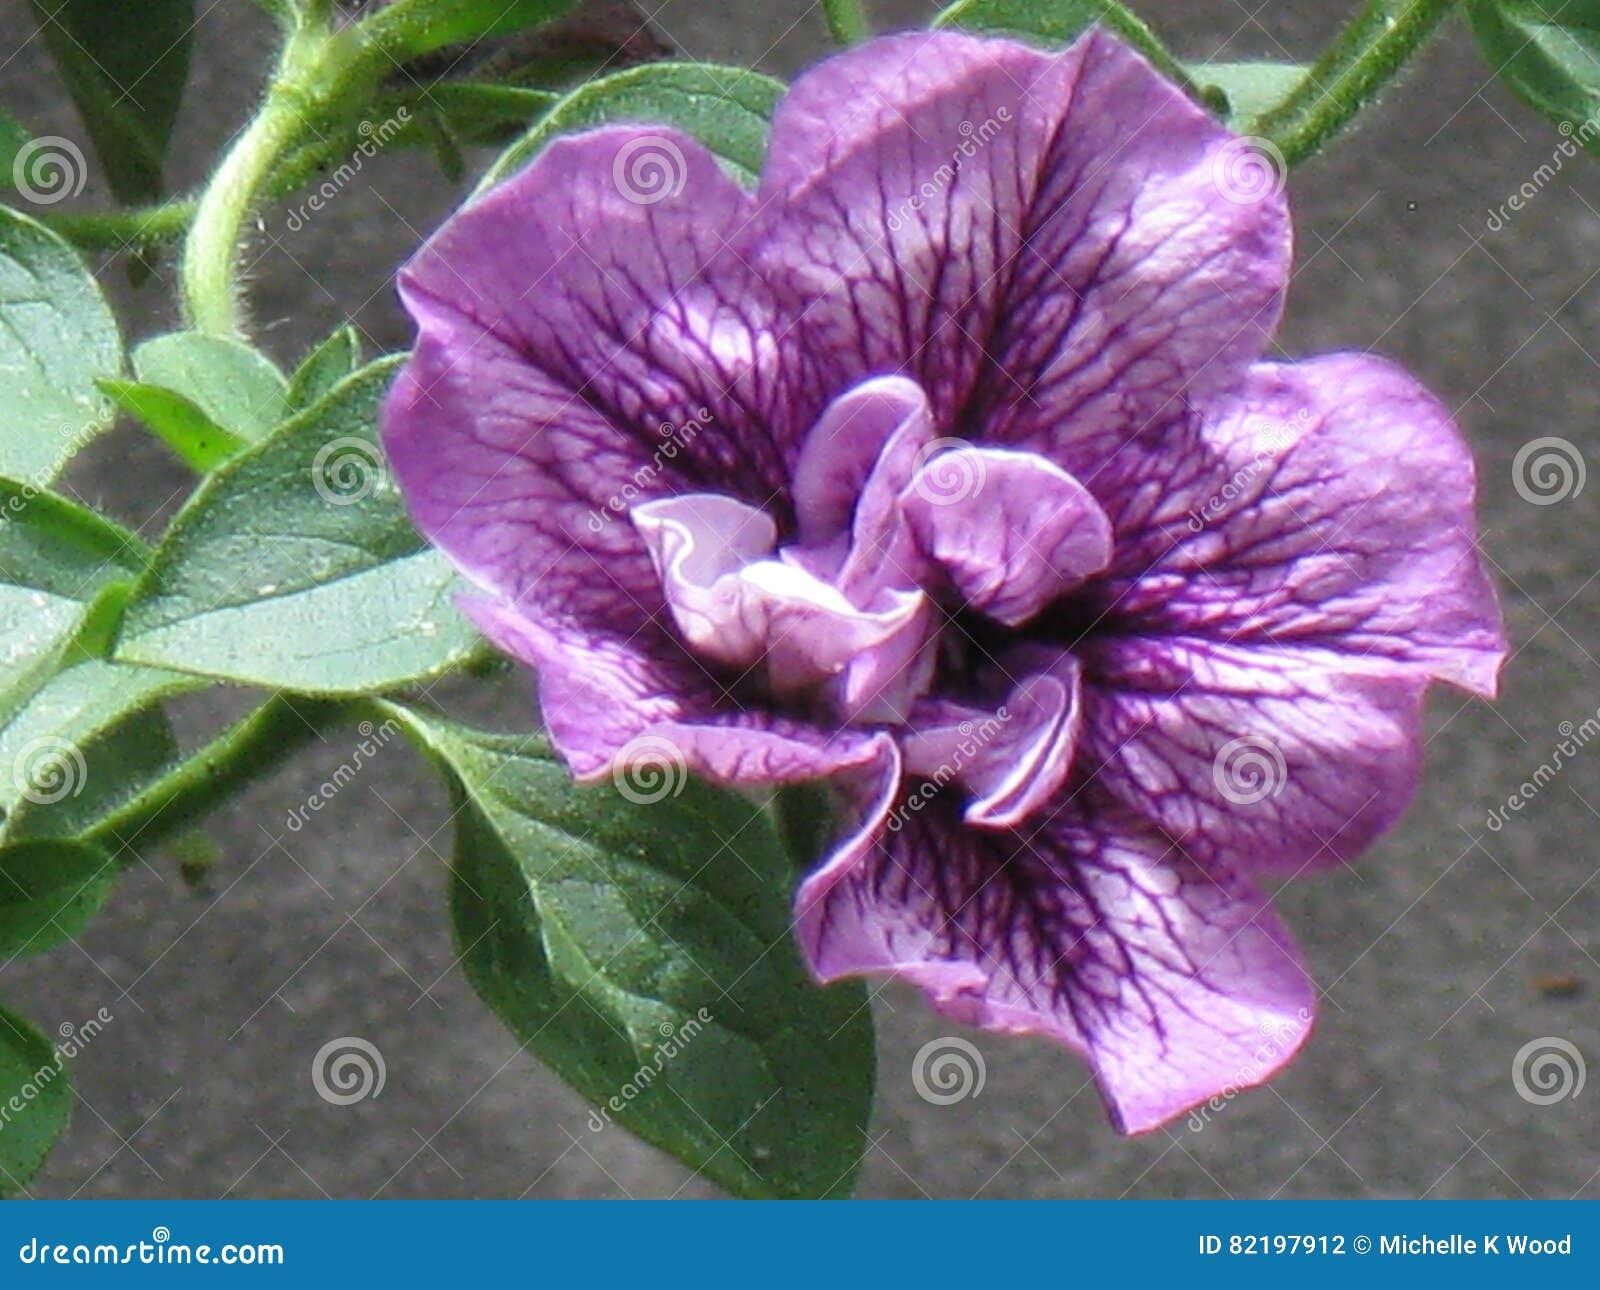 Purple double petunia close up